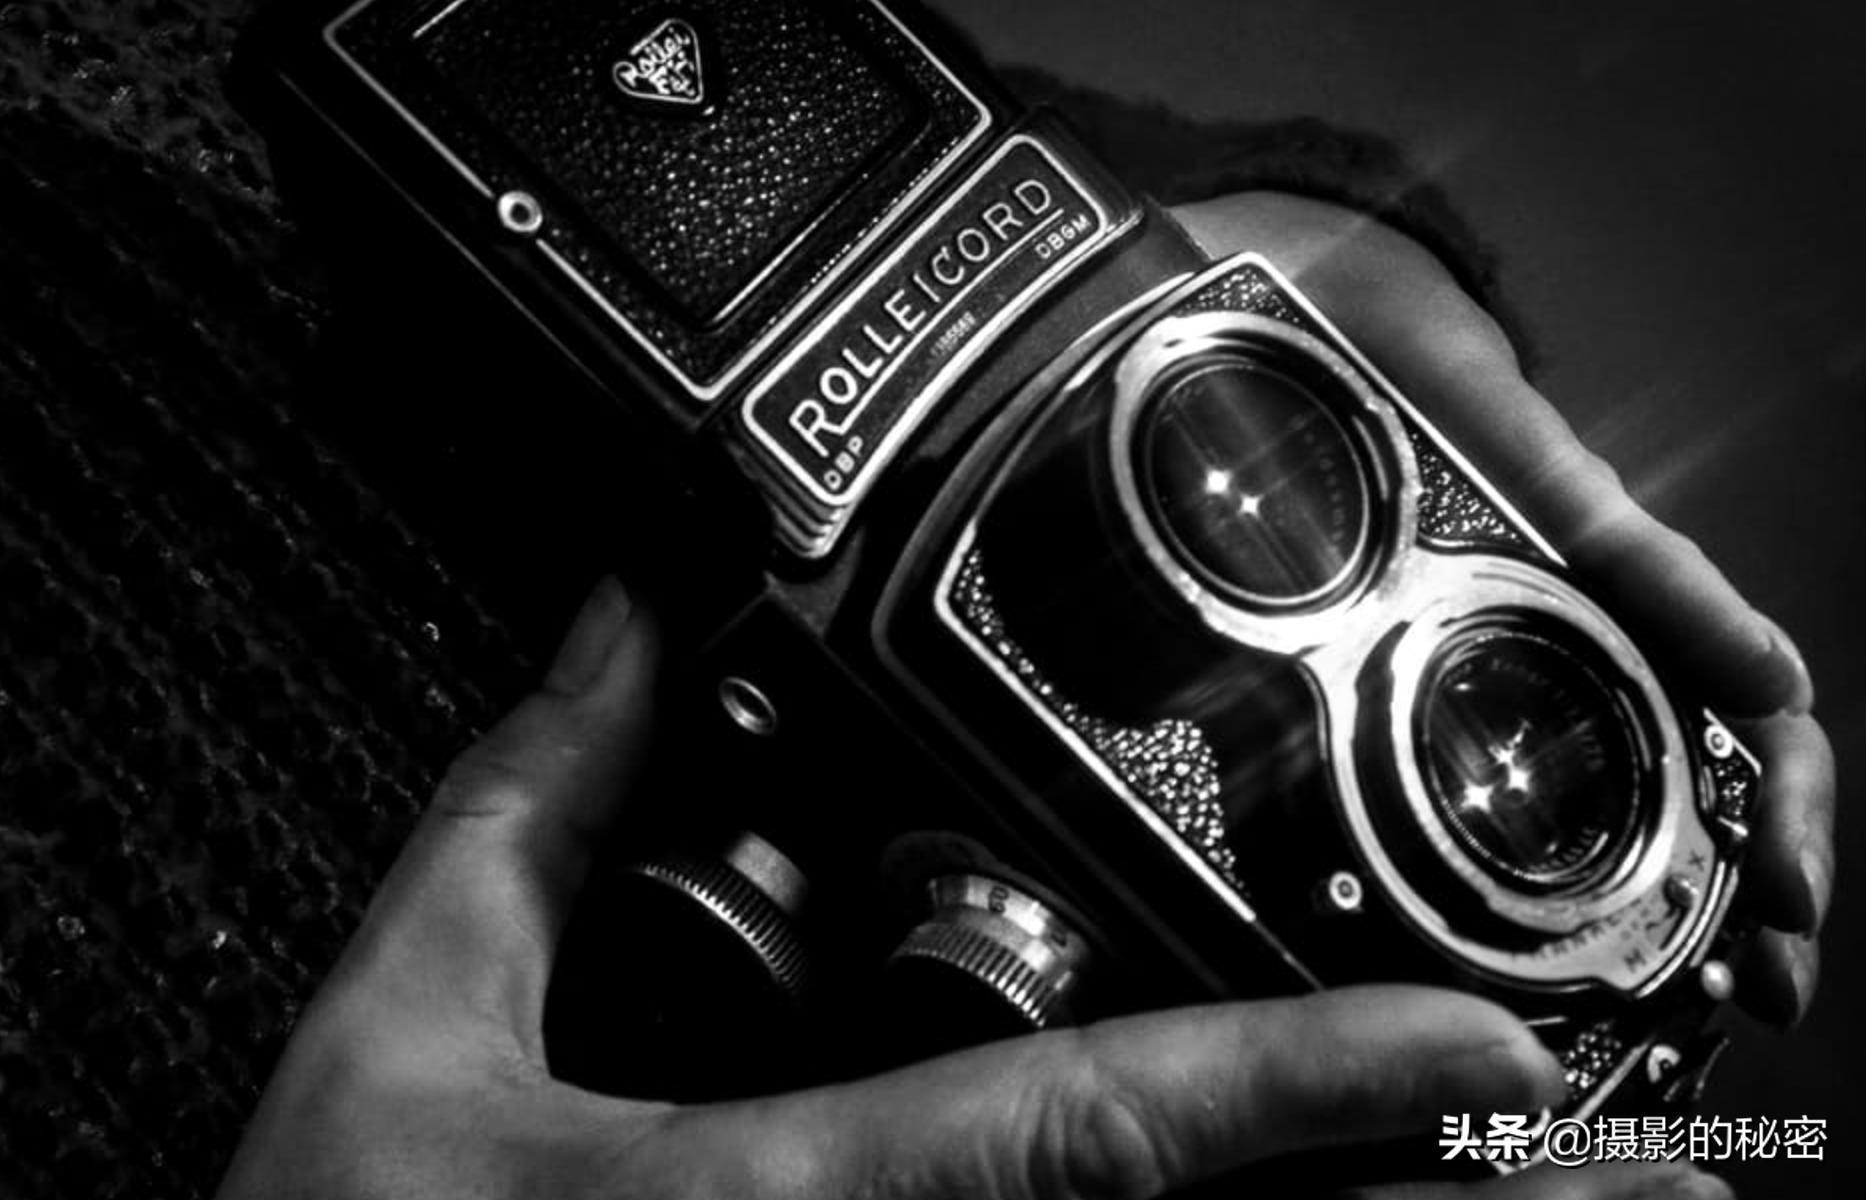 摄影属于什么行业(摄影行业怎么样)插图(3)